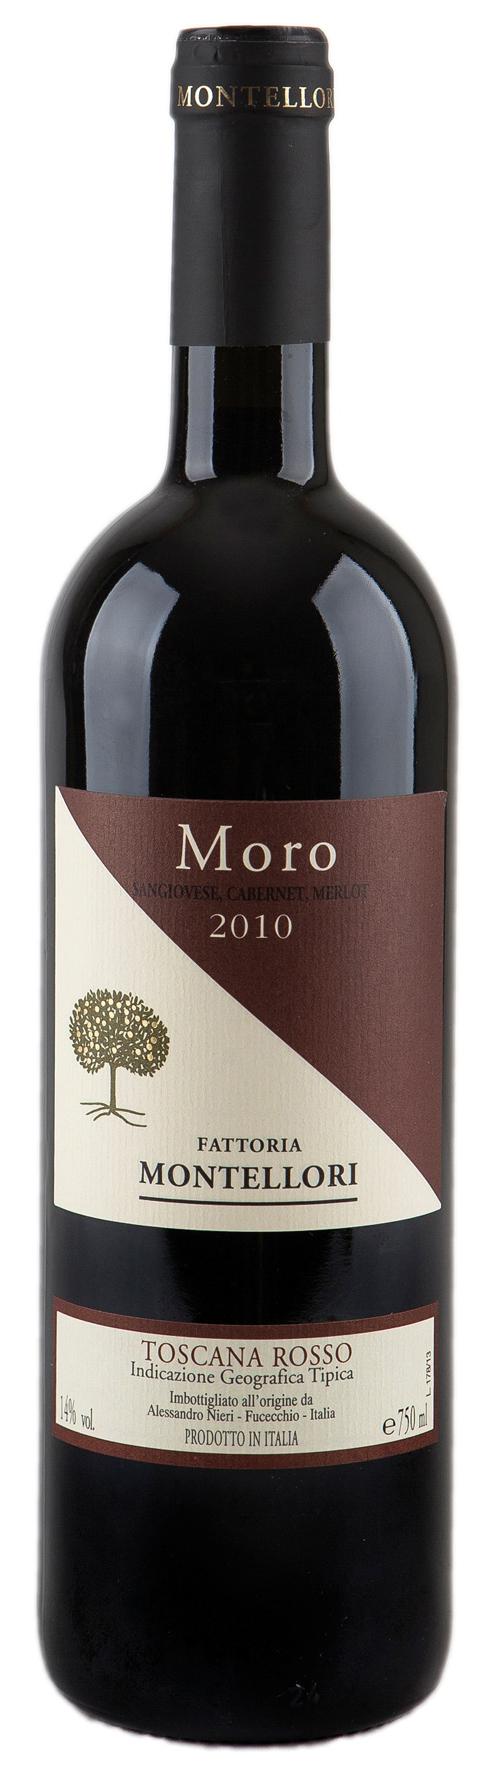 2013 Moro Toscana I.G.T. Montellori